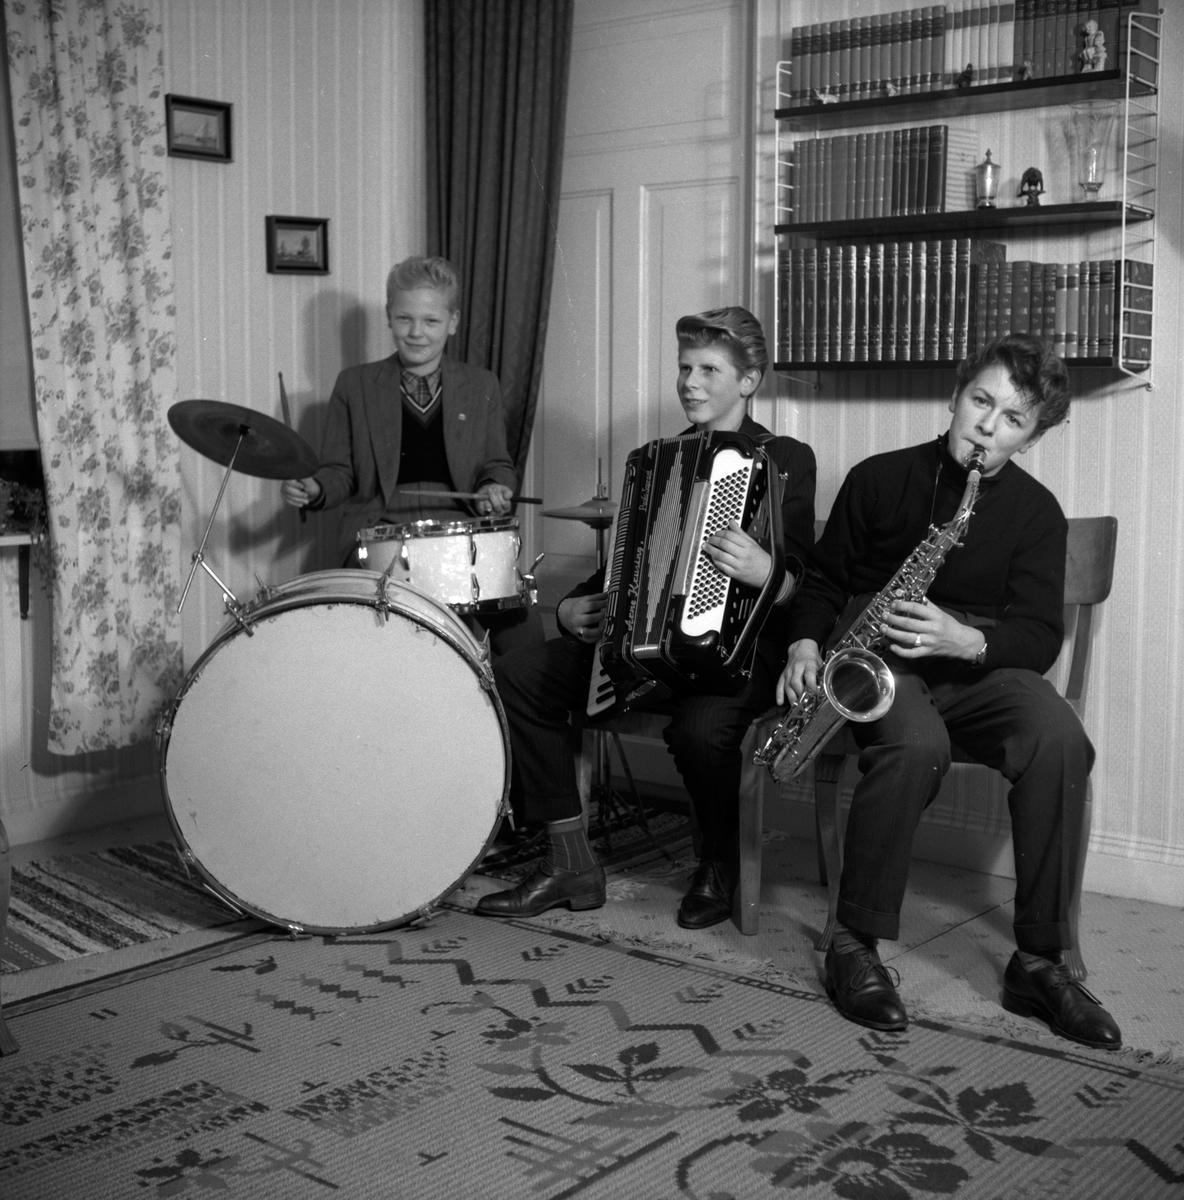 Hos Dahlgren, Tullportsgatan 9 i Jönköping. Musicerande pojkar med trummor, dragspel och saxofon. På väggen sitter den moderna stringhyllan.